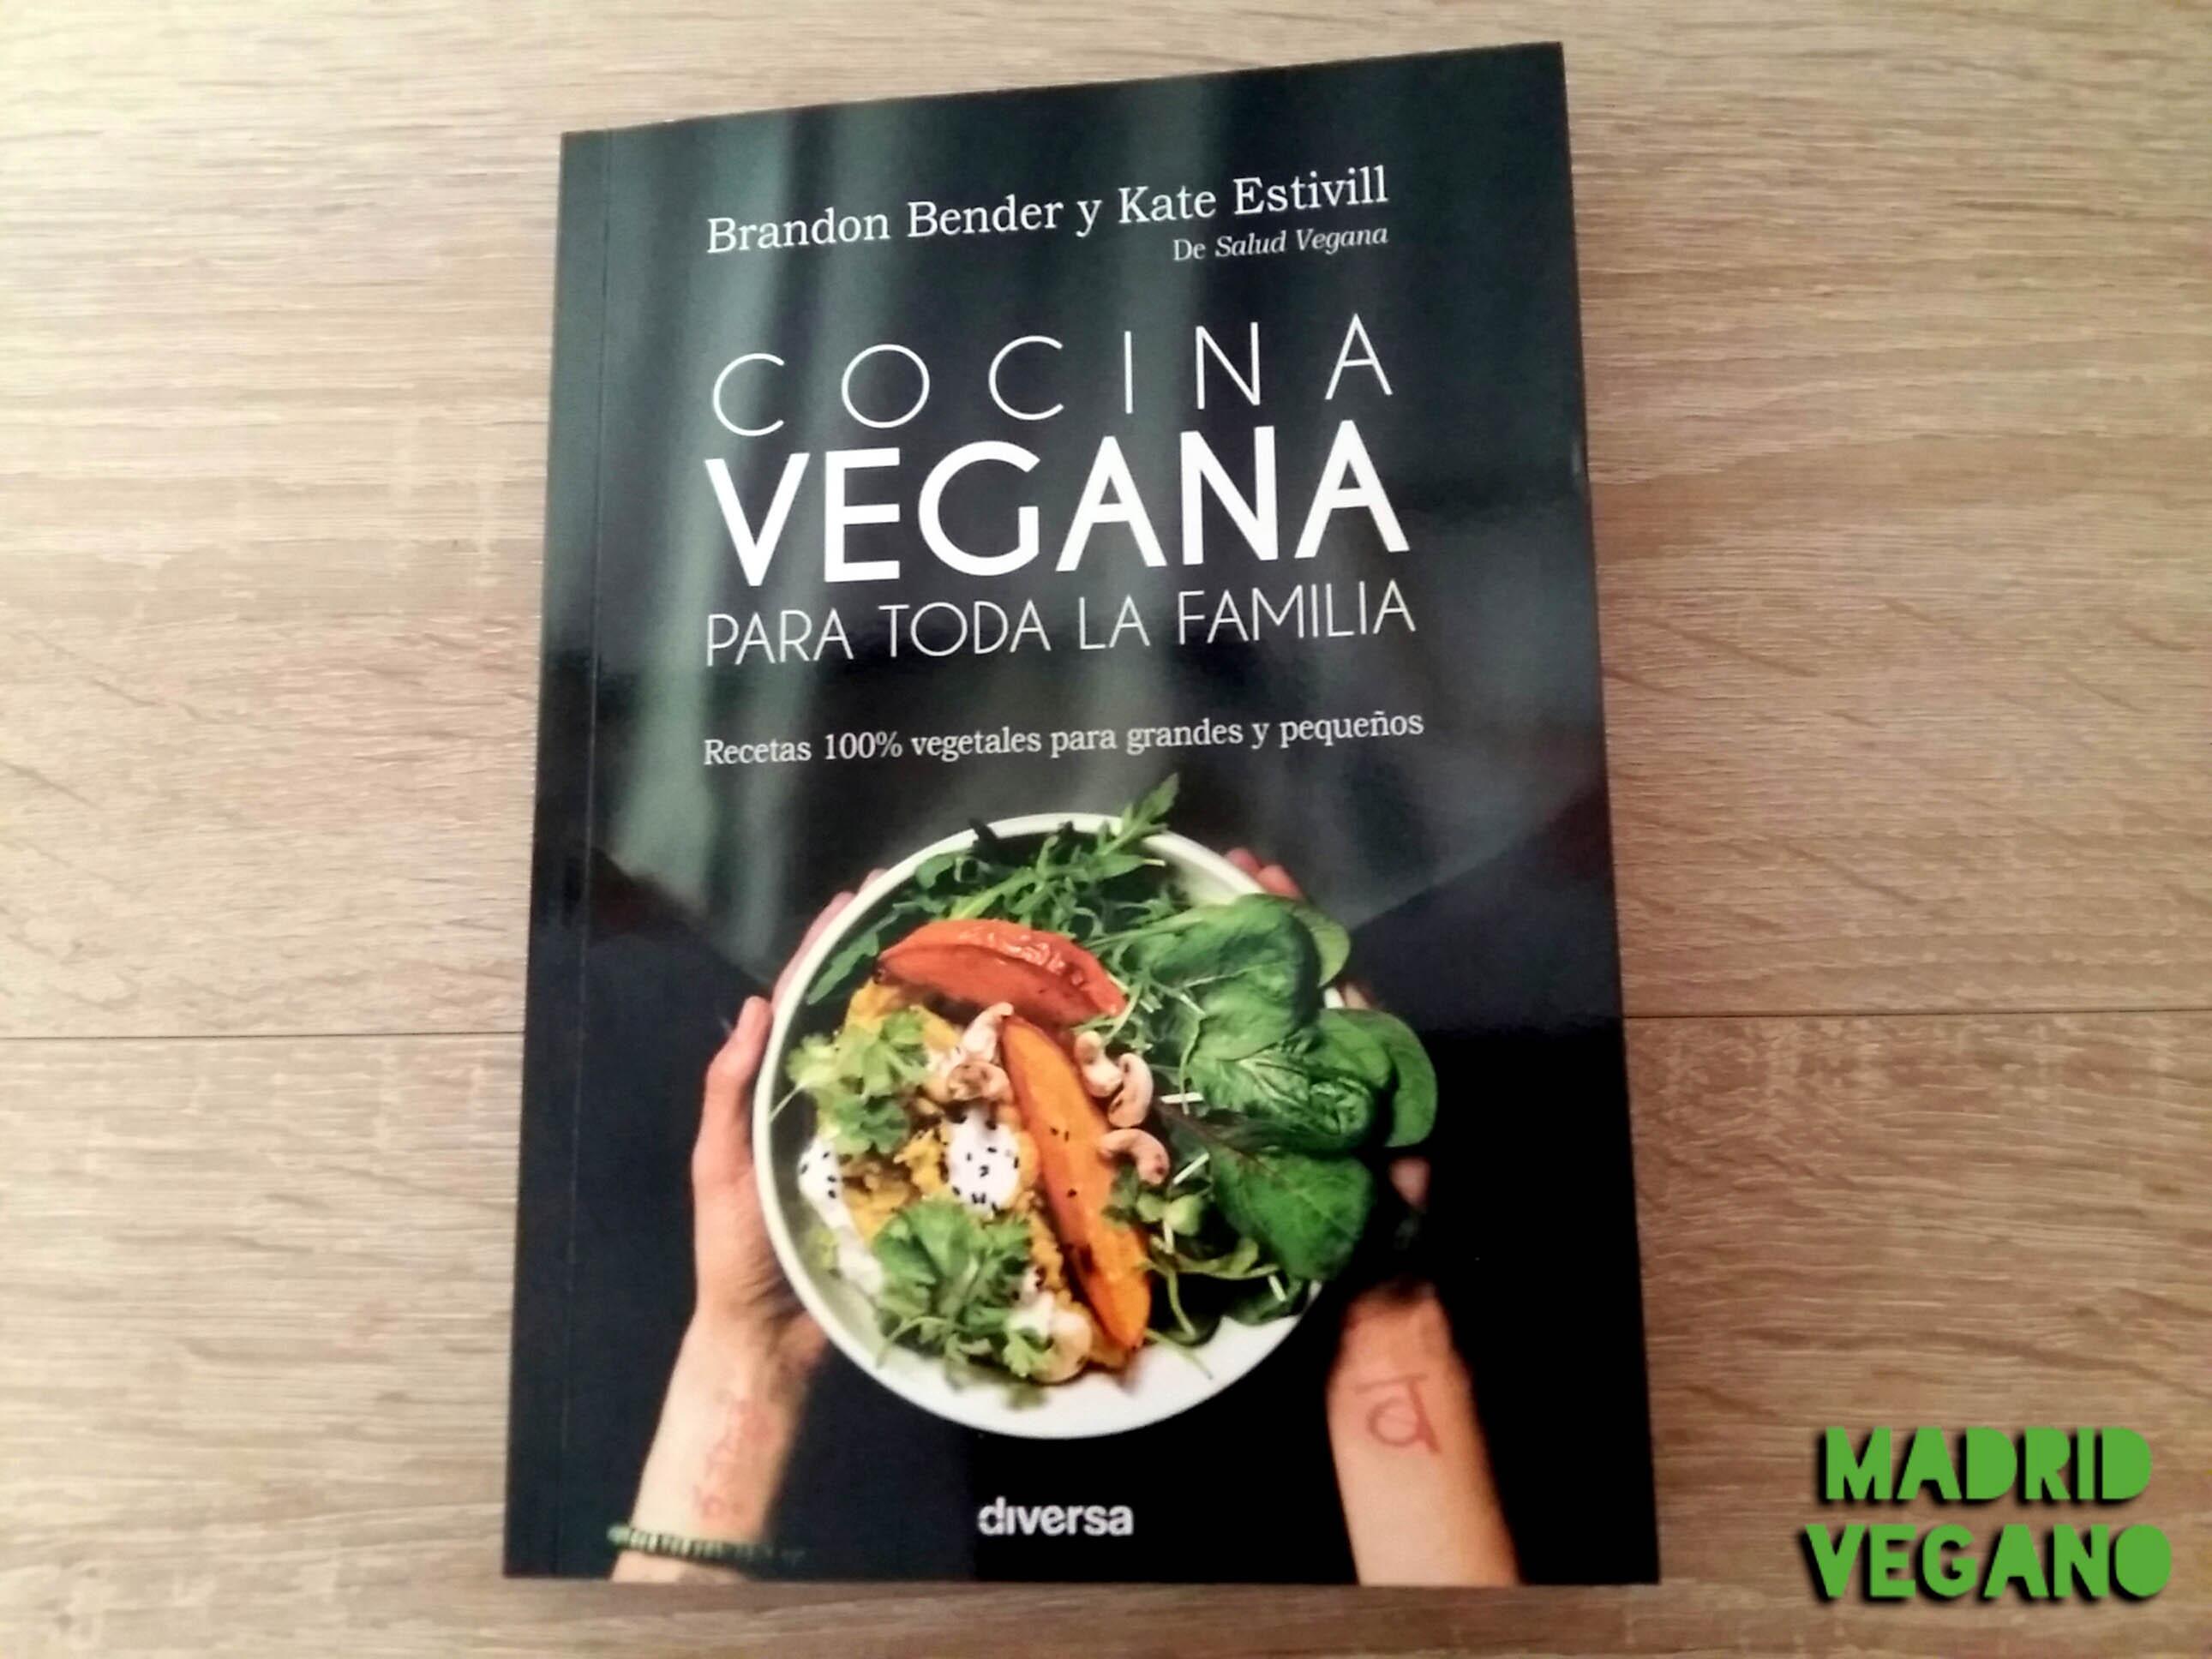 Cocina vegana para toda la familia, platos ricos y éticos